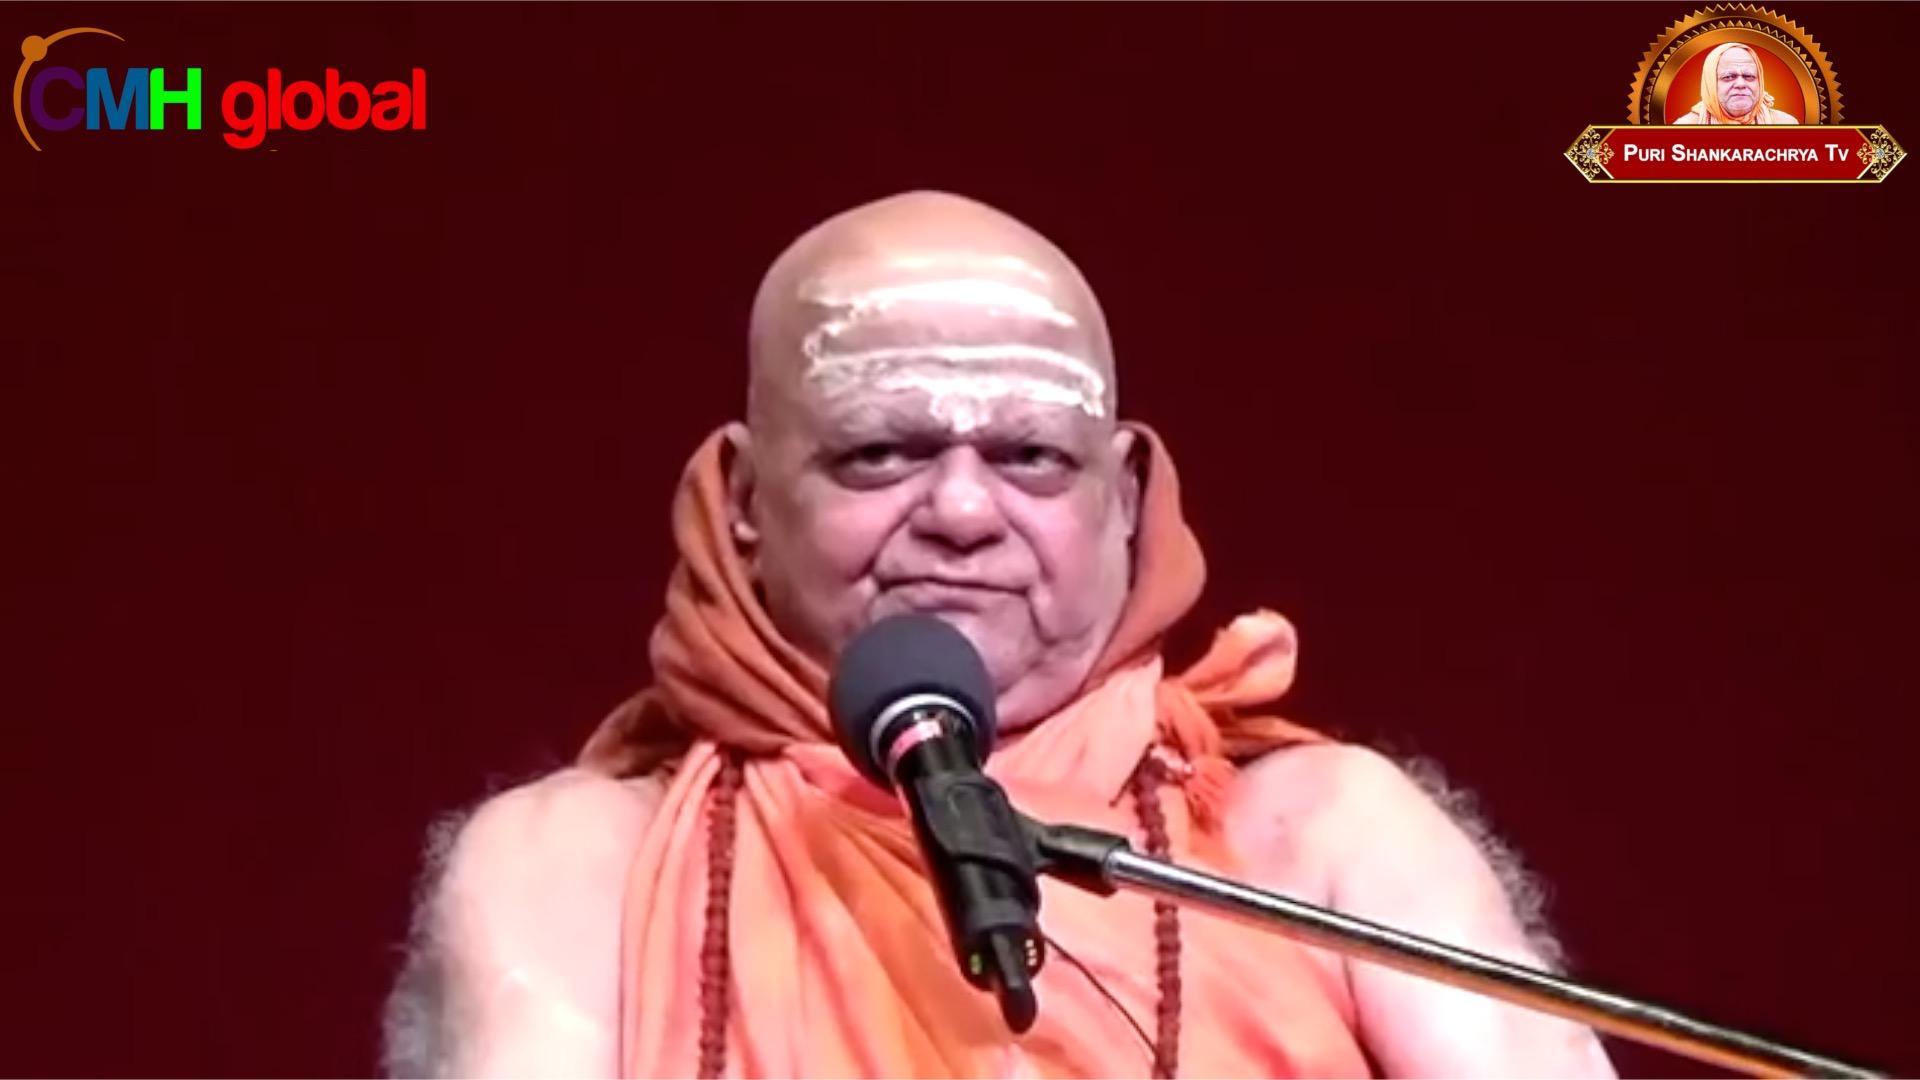 Gyan Dhara Ep -27 by Puri Shankaracharya Swami Nishchalananda Saraswati Ji